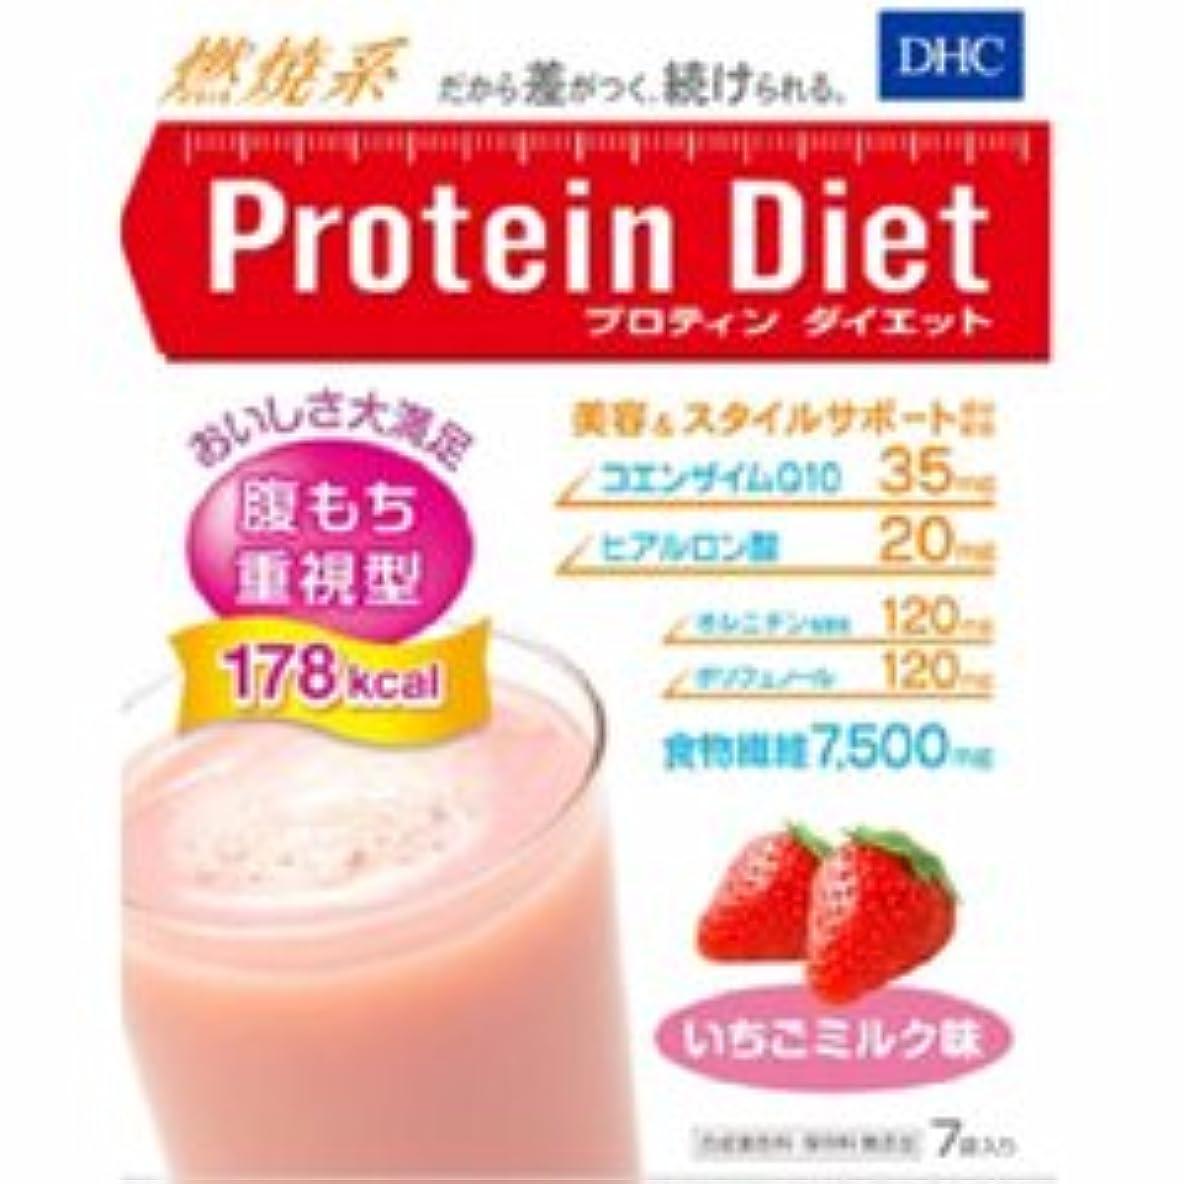 三番クスコ決めますDHCの健康食品 プロティンダイエット いちごミルク味 50g×7袋 【DHC】